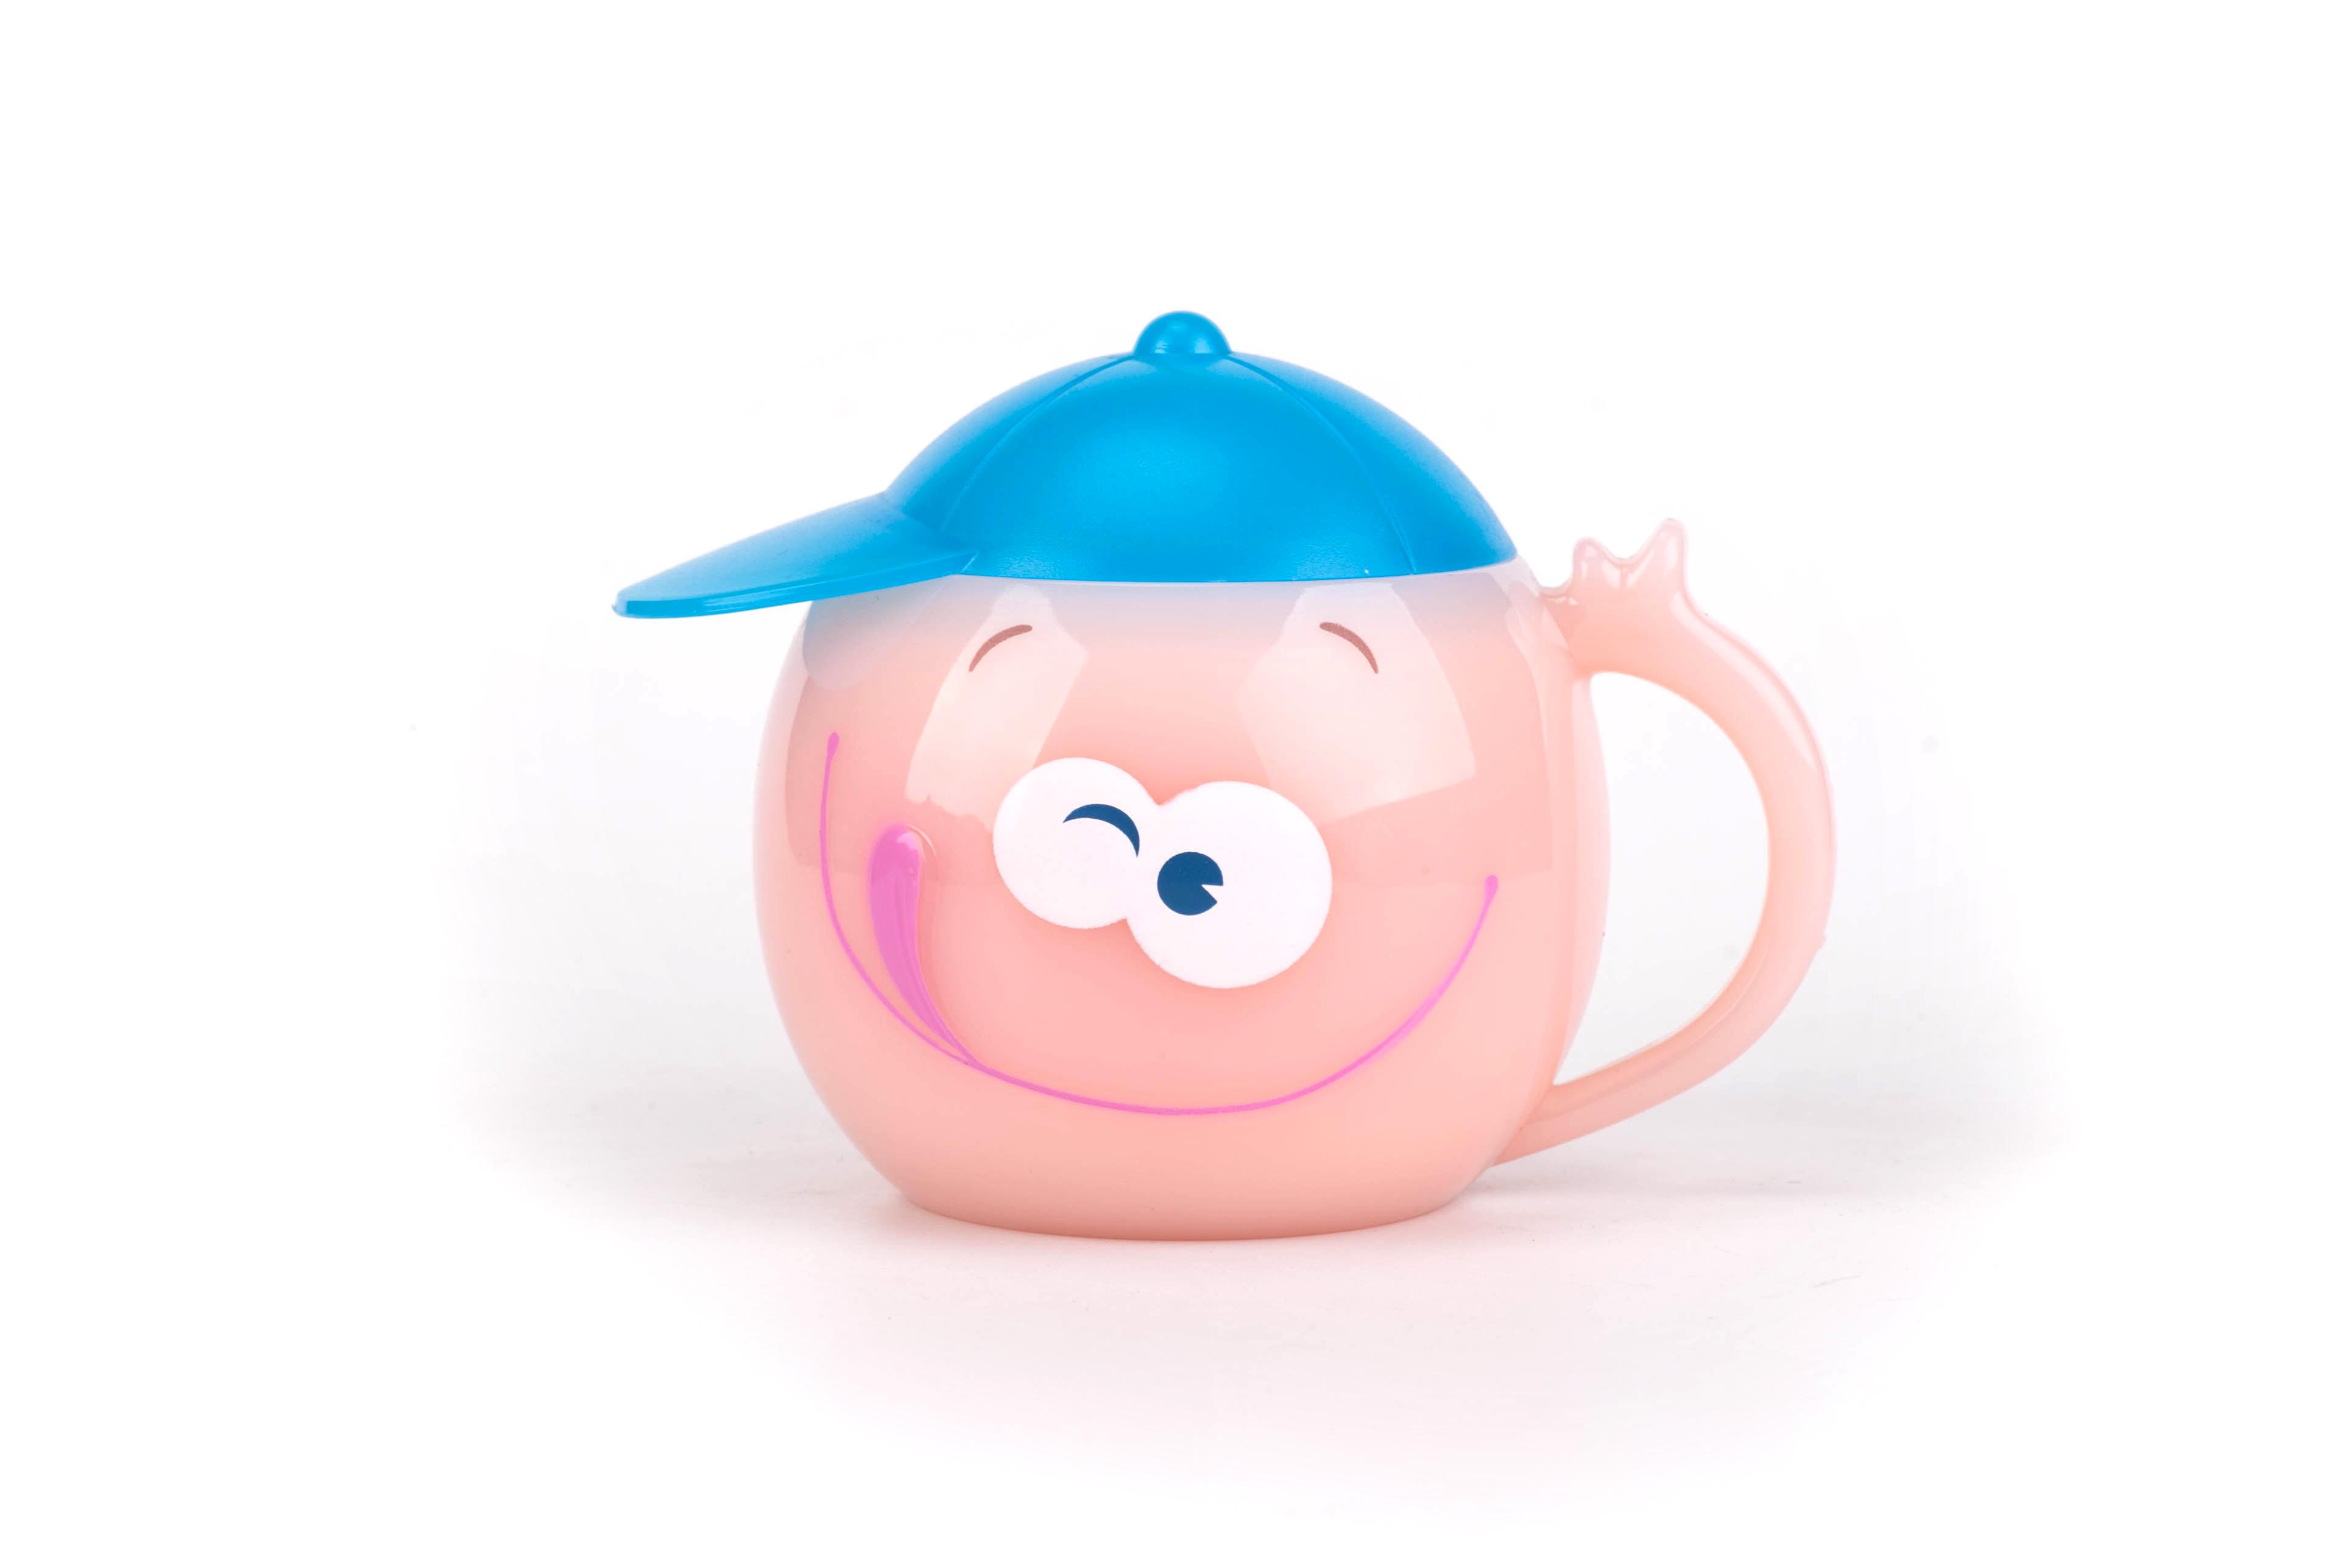 可爱卡通漱口杯 创意儿童塑料刷牙杯洗漱杯牙刷杯